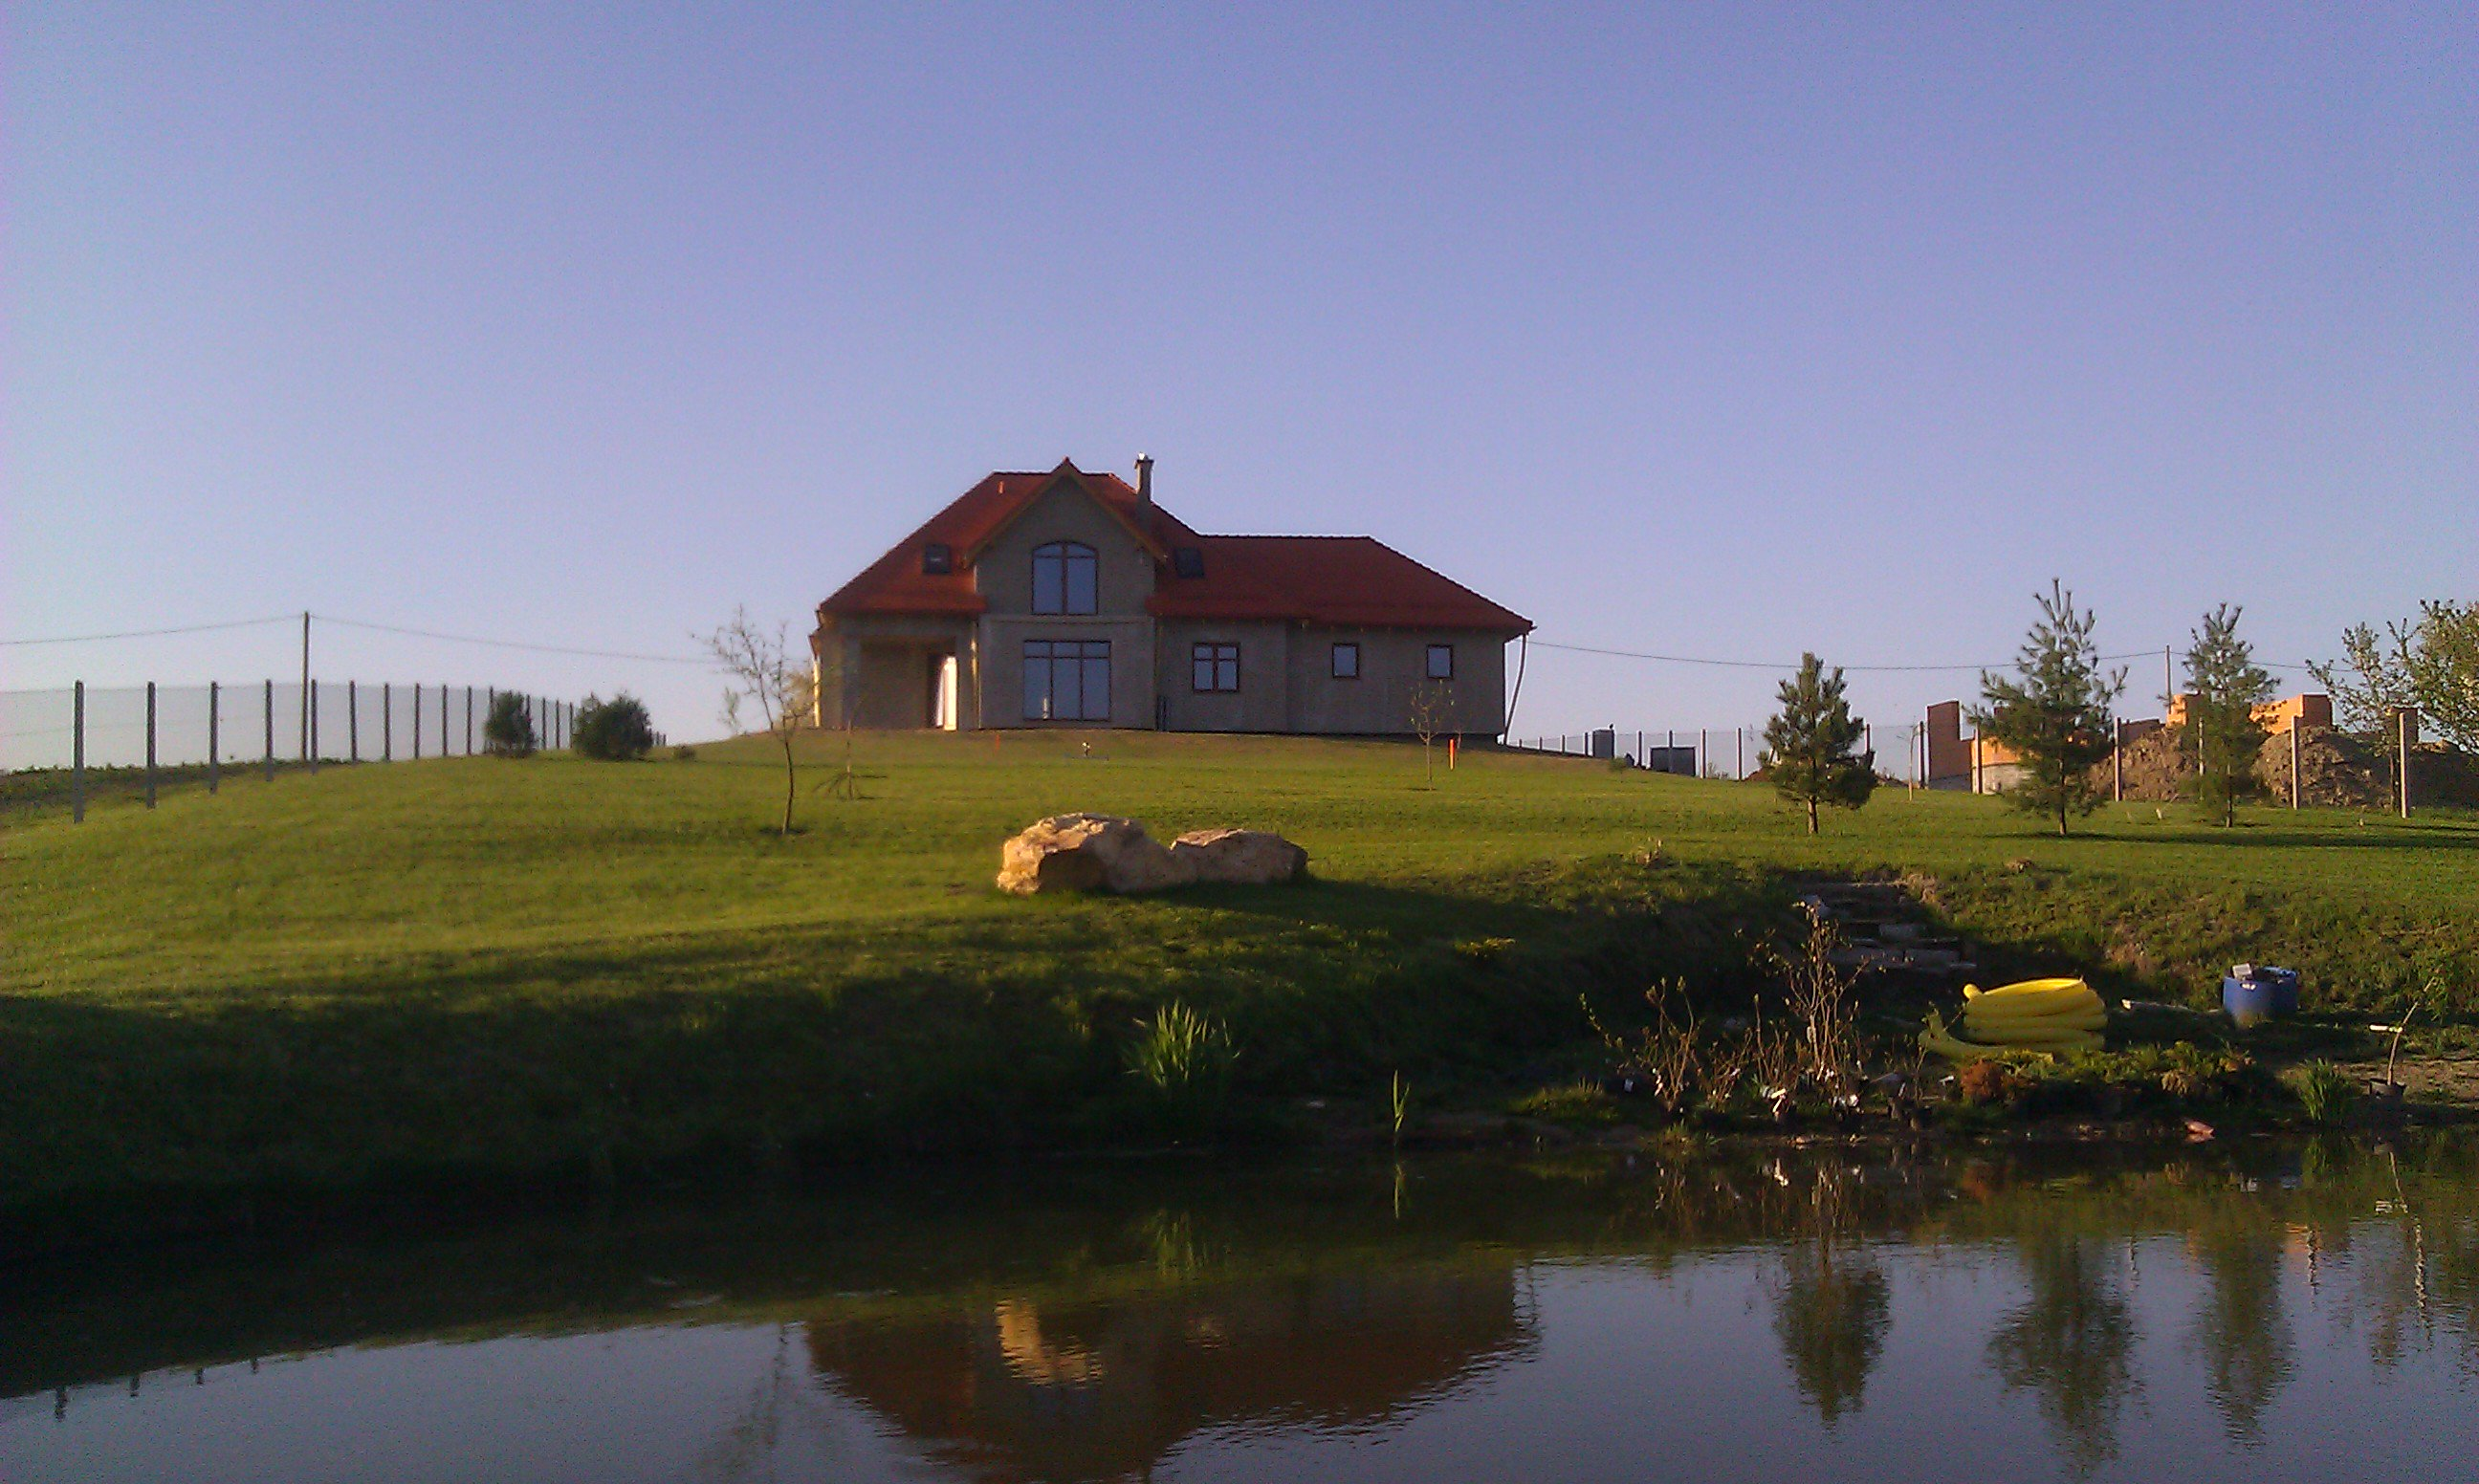 lukasz-bobela-133760981566.jpg